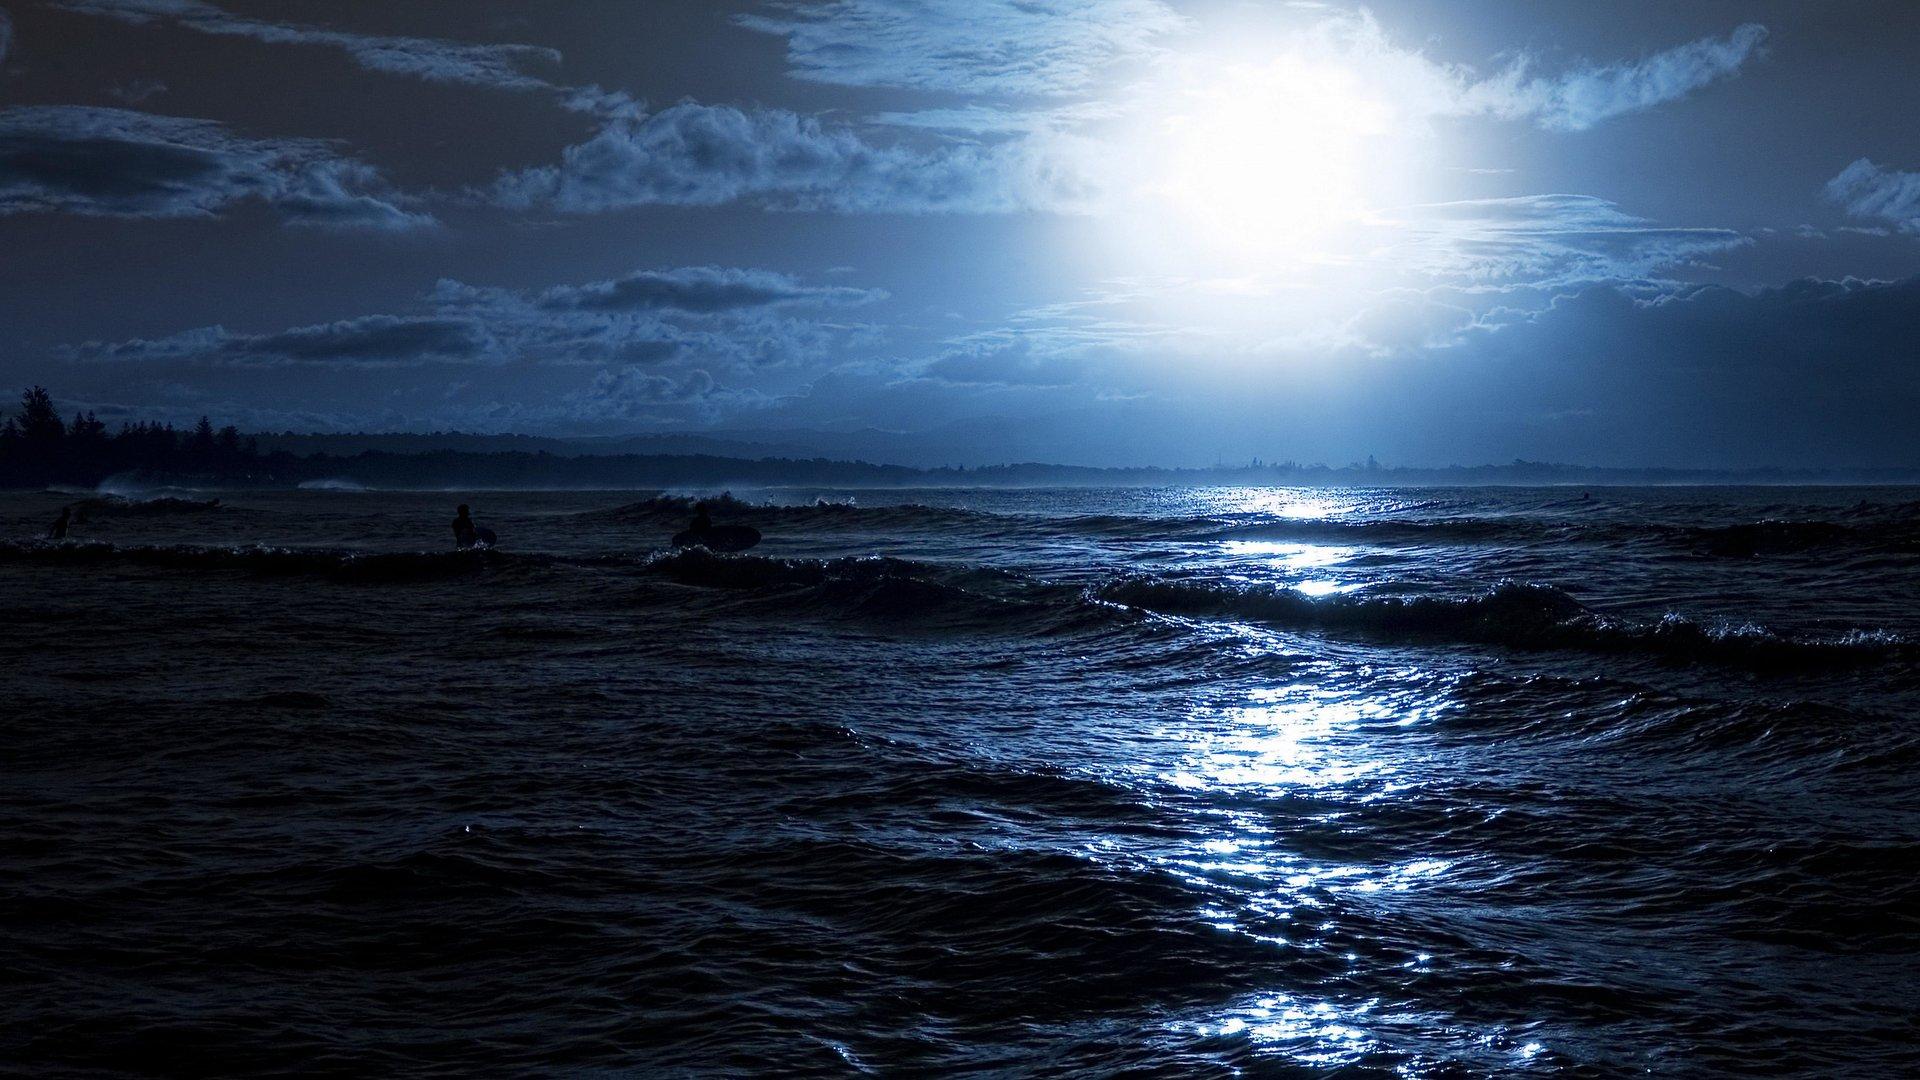 Картинки красивые море 36 фото  Прикольные картинки и юмор